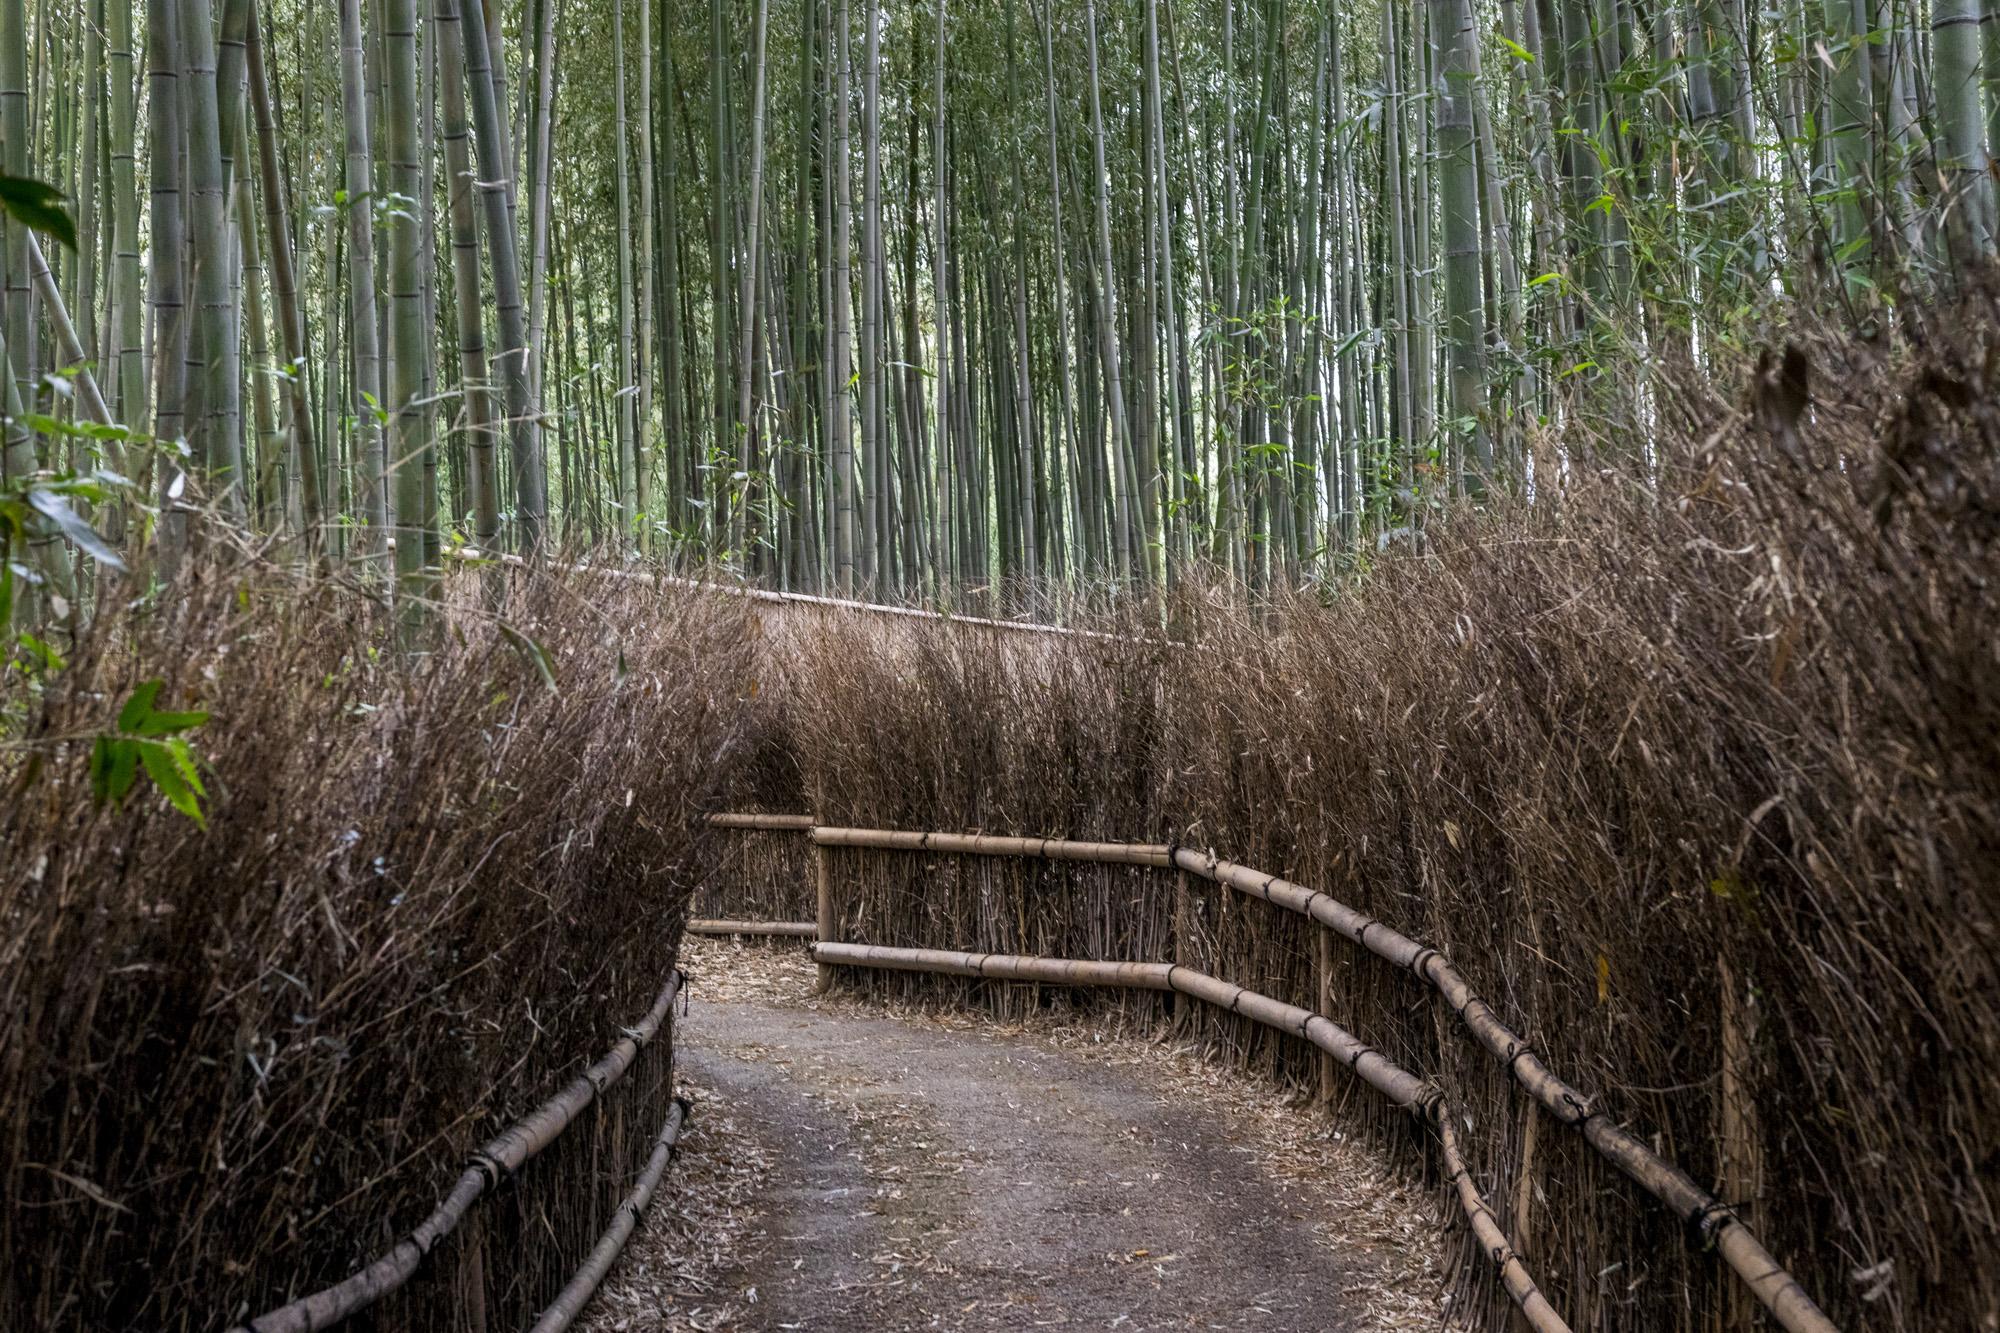 Bambouseraie d'Arashiyama dans la ville de Kyōto au Japon